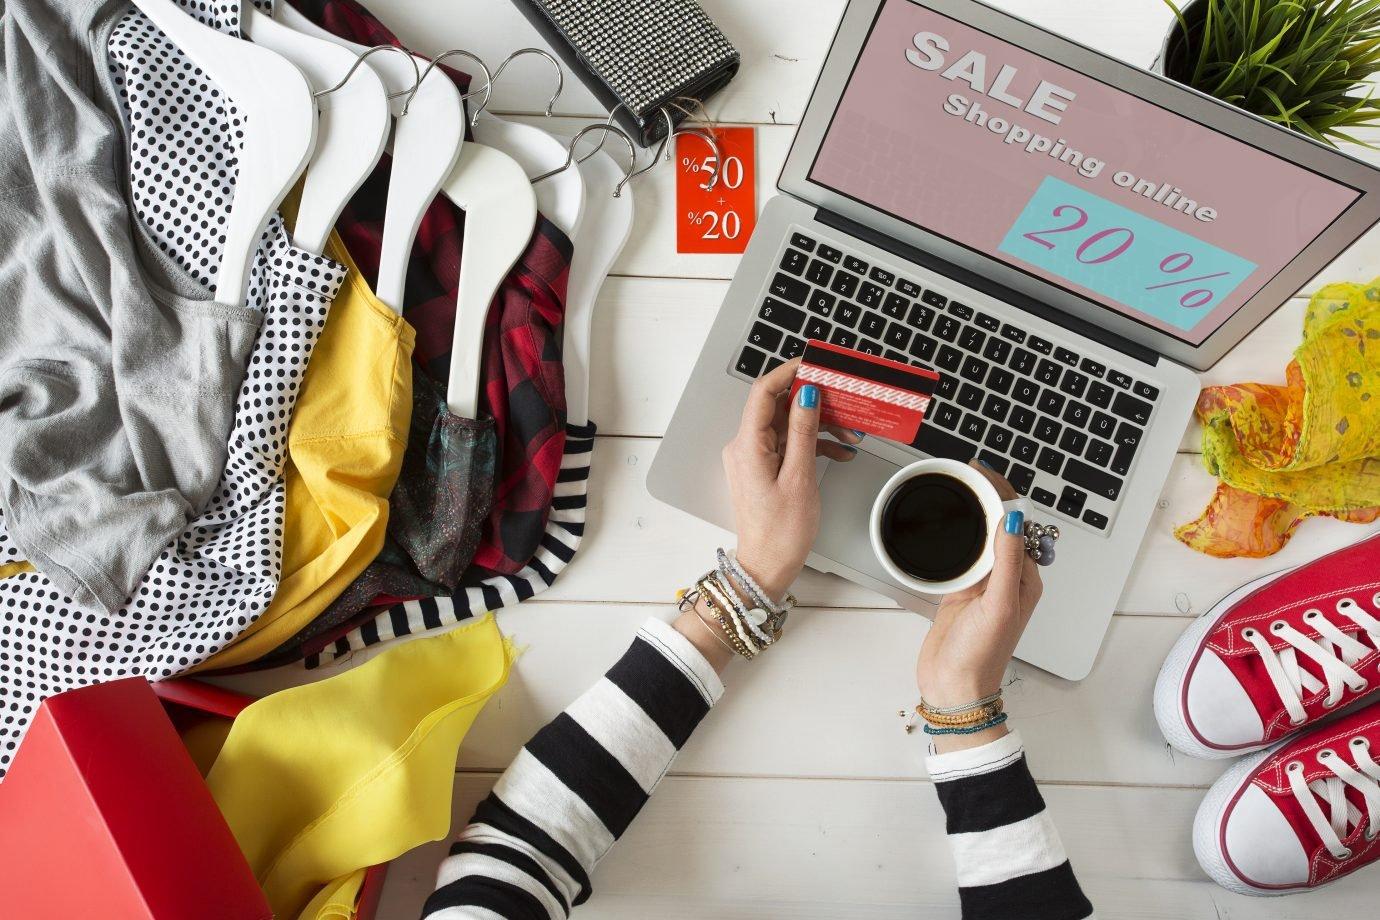 Os 5 inimigos das PMEs no e-commerce — e como combatê-los